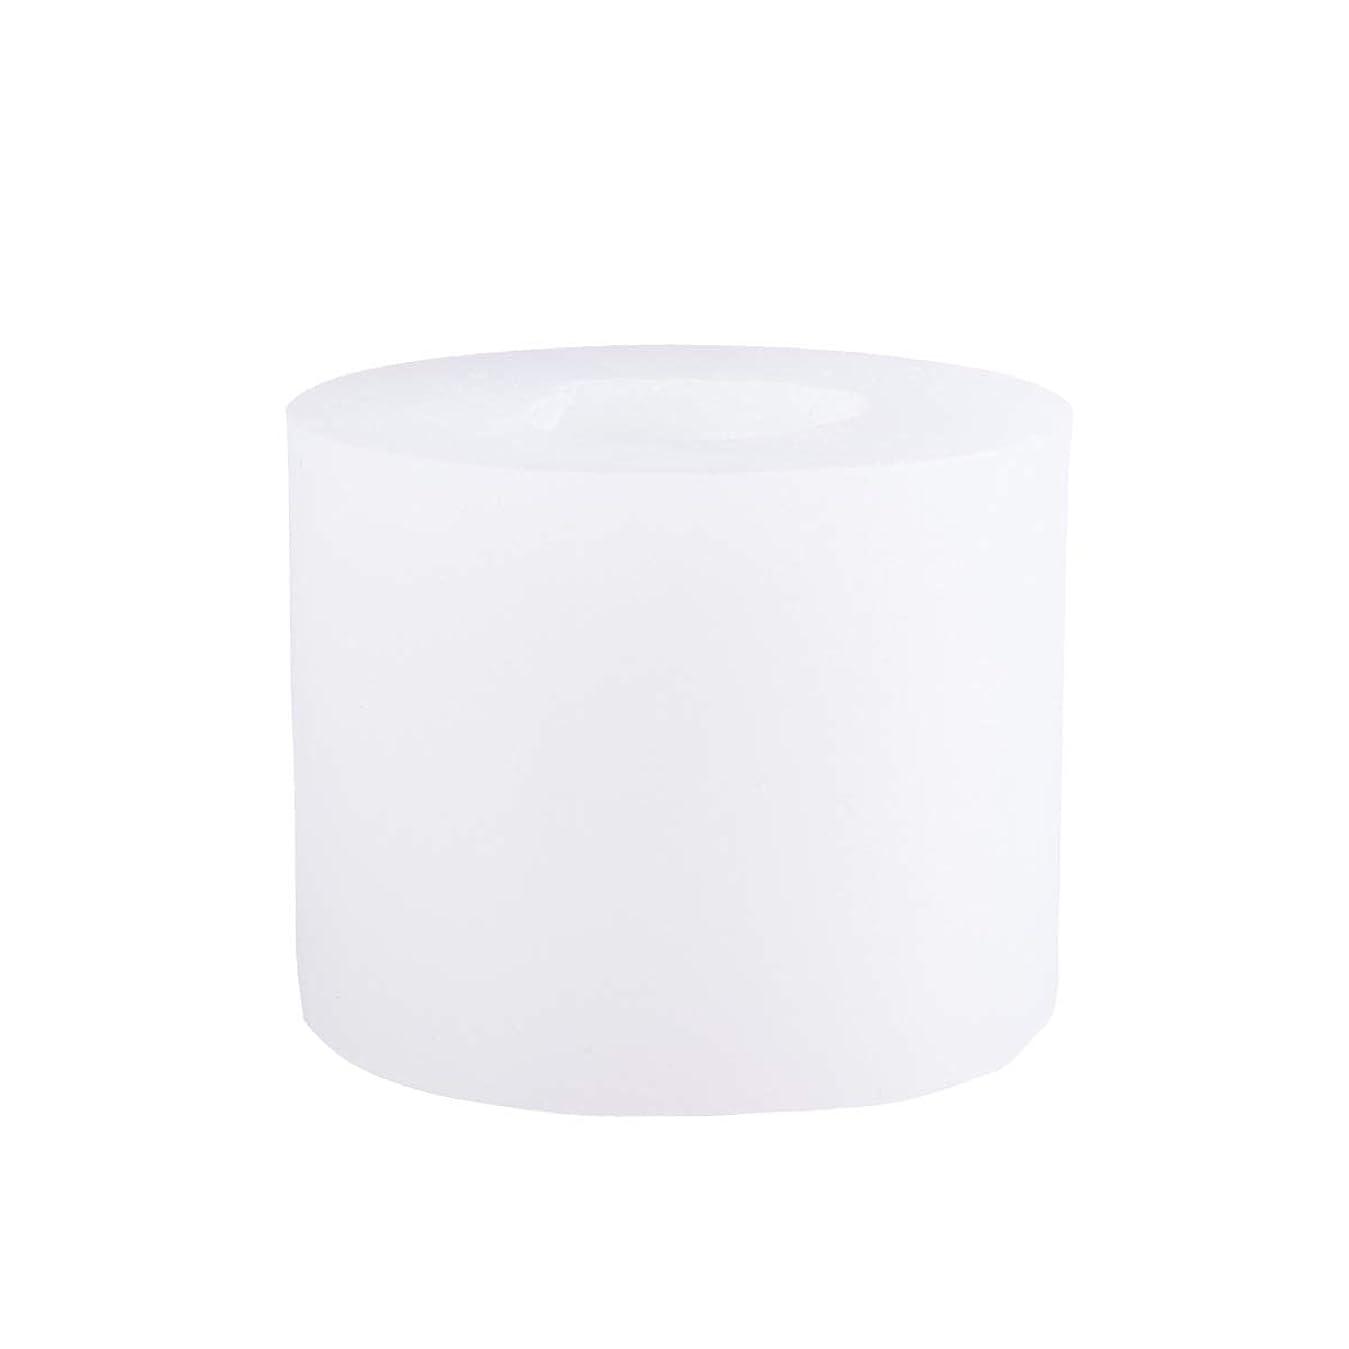 ブランド賭け軽くSUPVOX 3Dシリコーンの香料入りの蝋燭型DIYの技術はフォンダンケーキ型を形成します